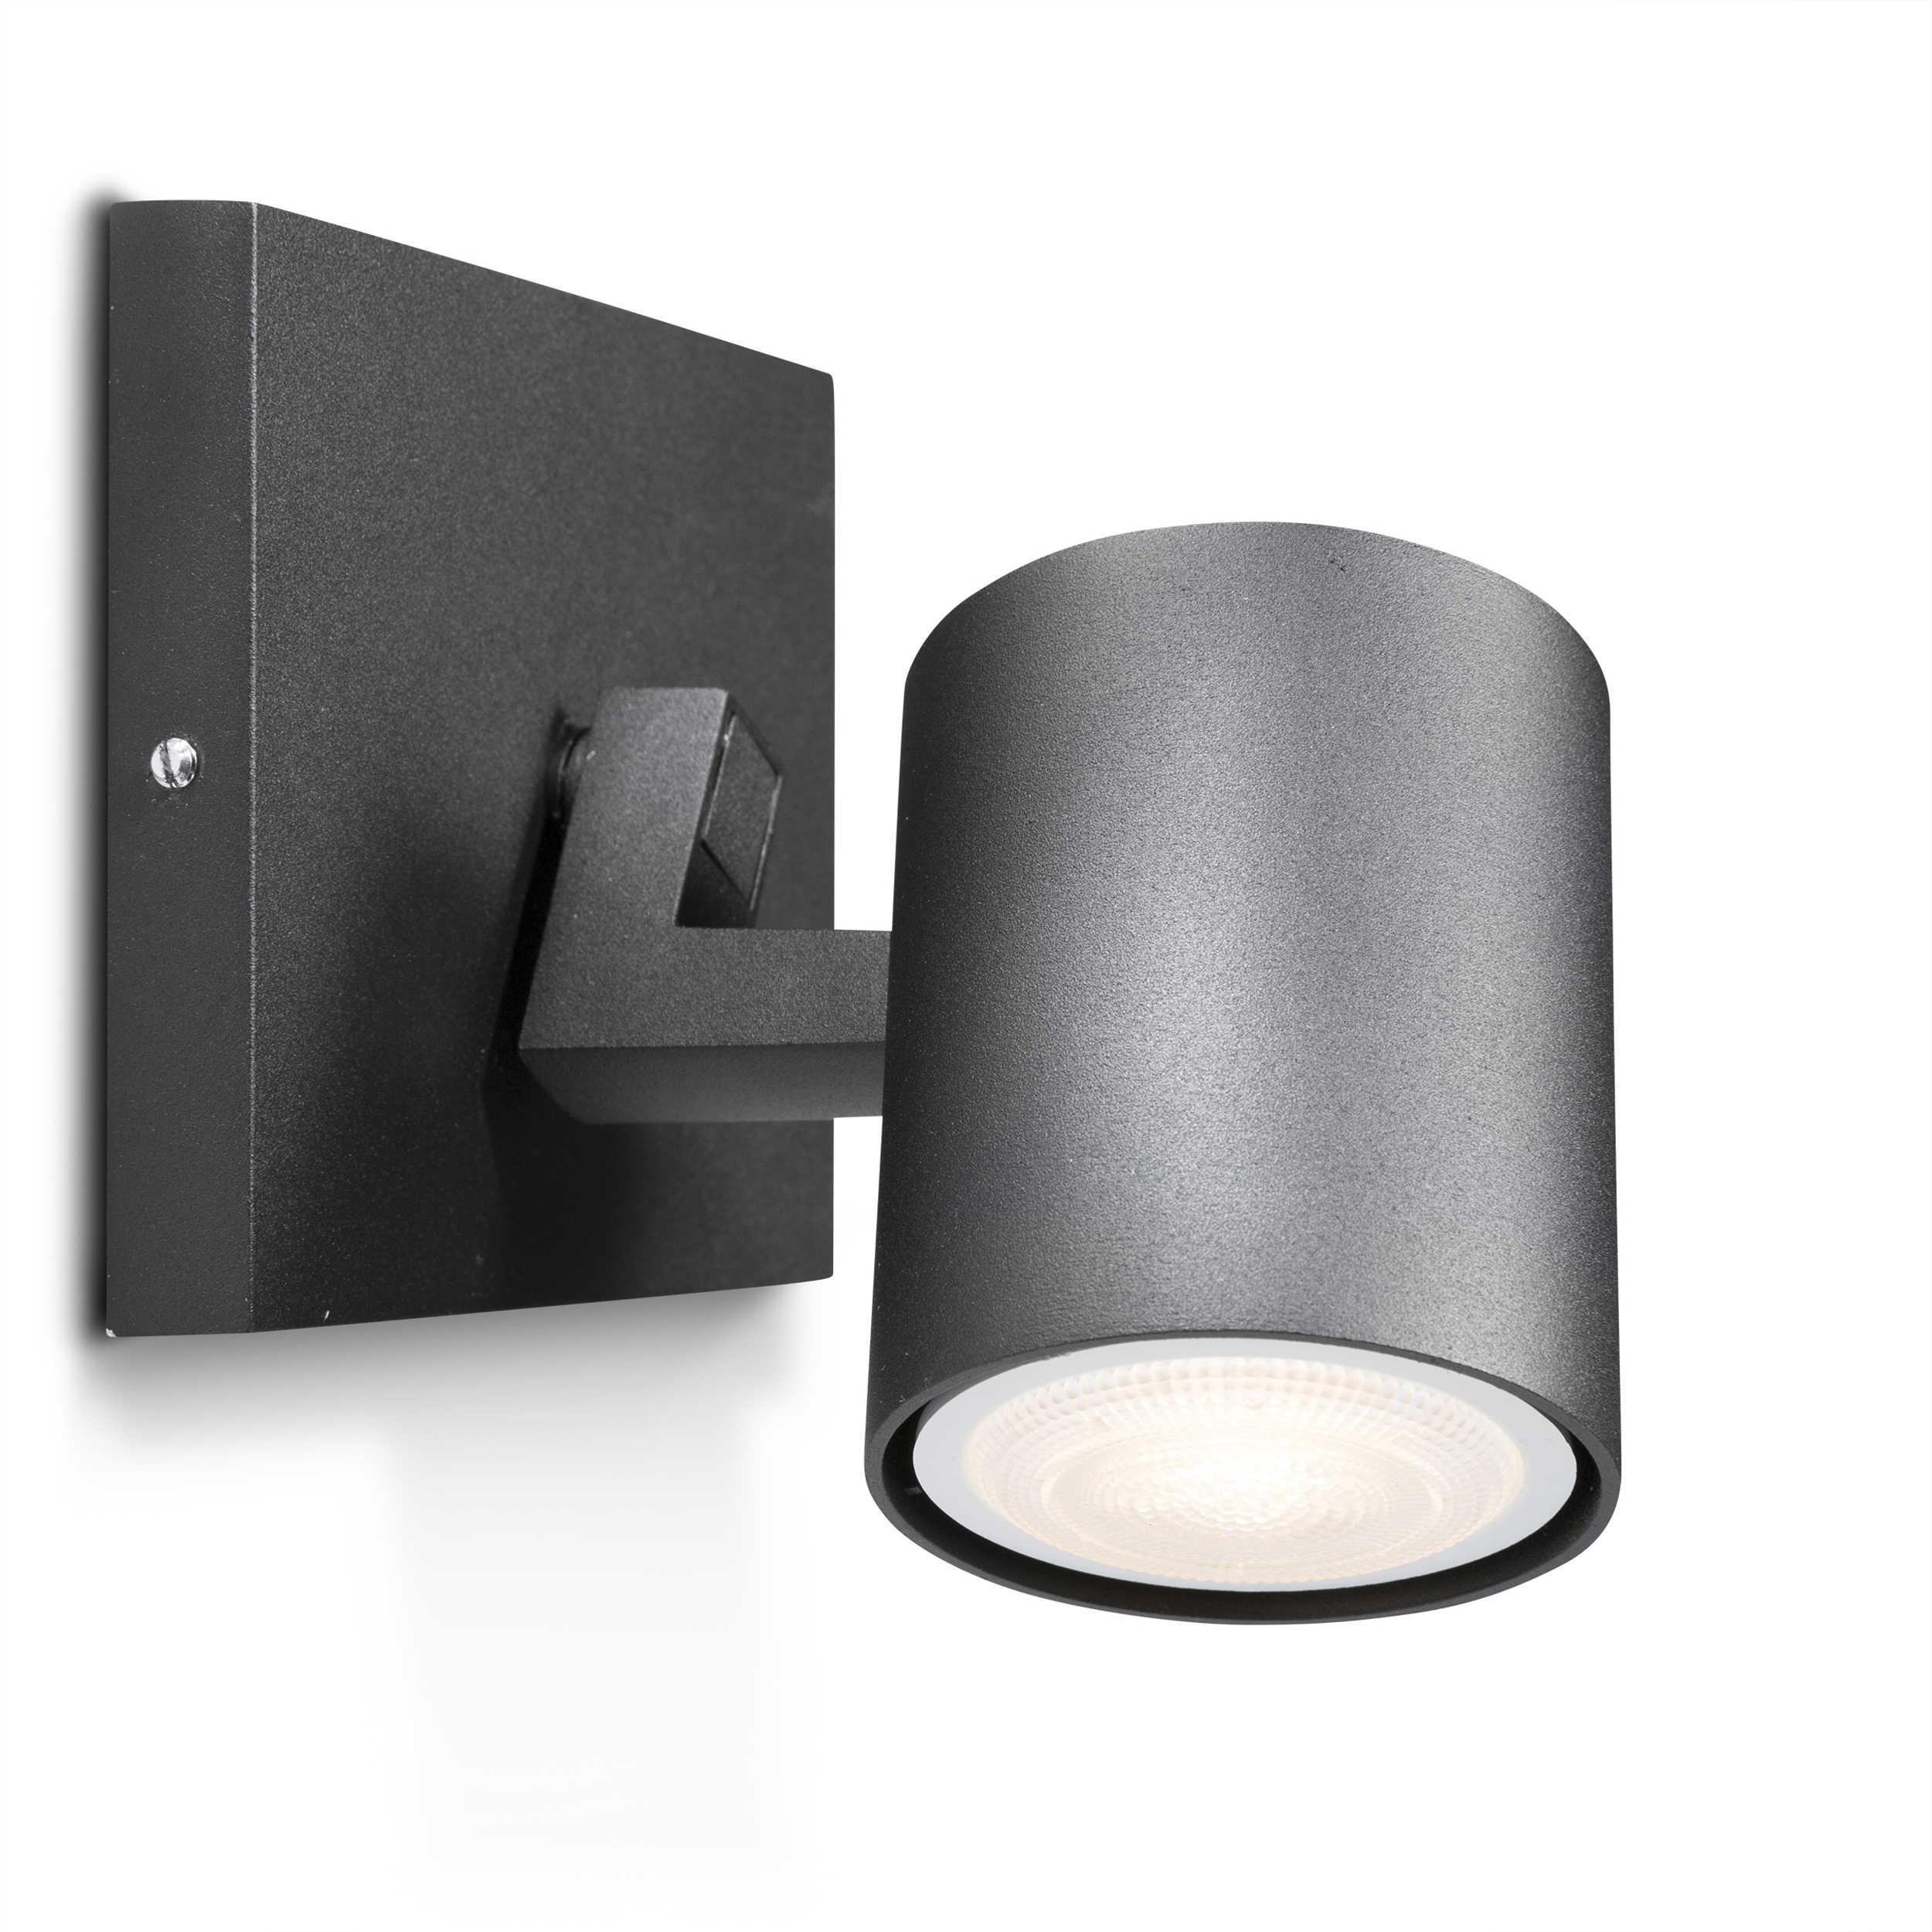 philips led spot hue runner a schwarz alu eisen stahl metall online kaufen bei woonio. Black Bedroom Furniture Sets. Home Design Ideas